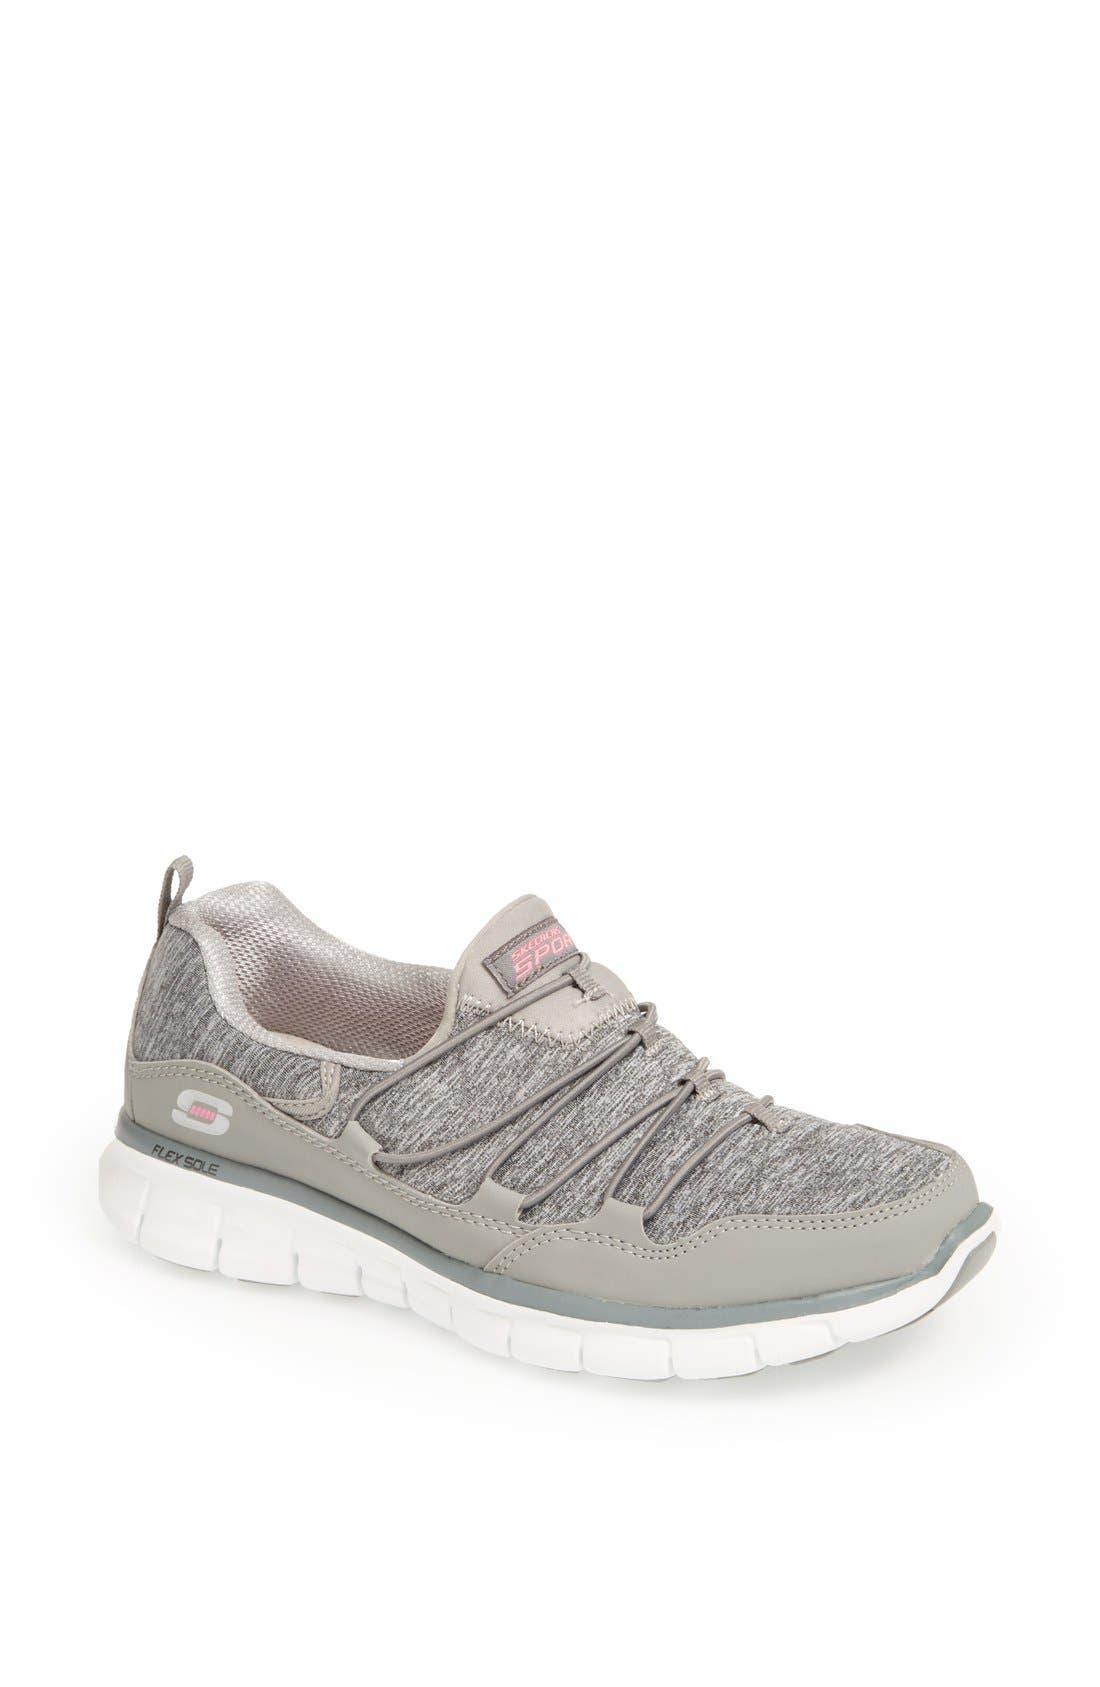 Main Image - SKECHERS 'Flex Appeal - Asset Play' Walking Shoe (Women)